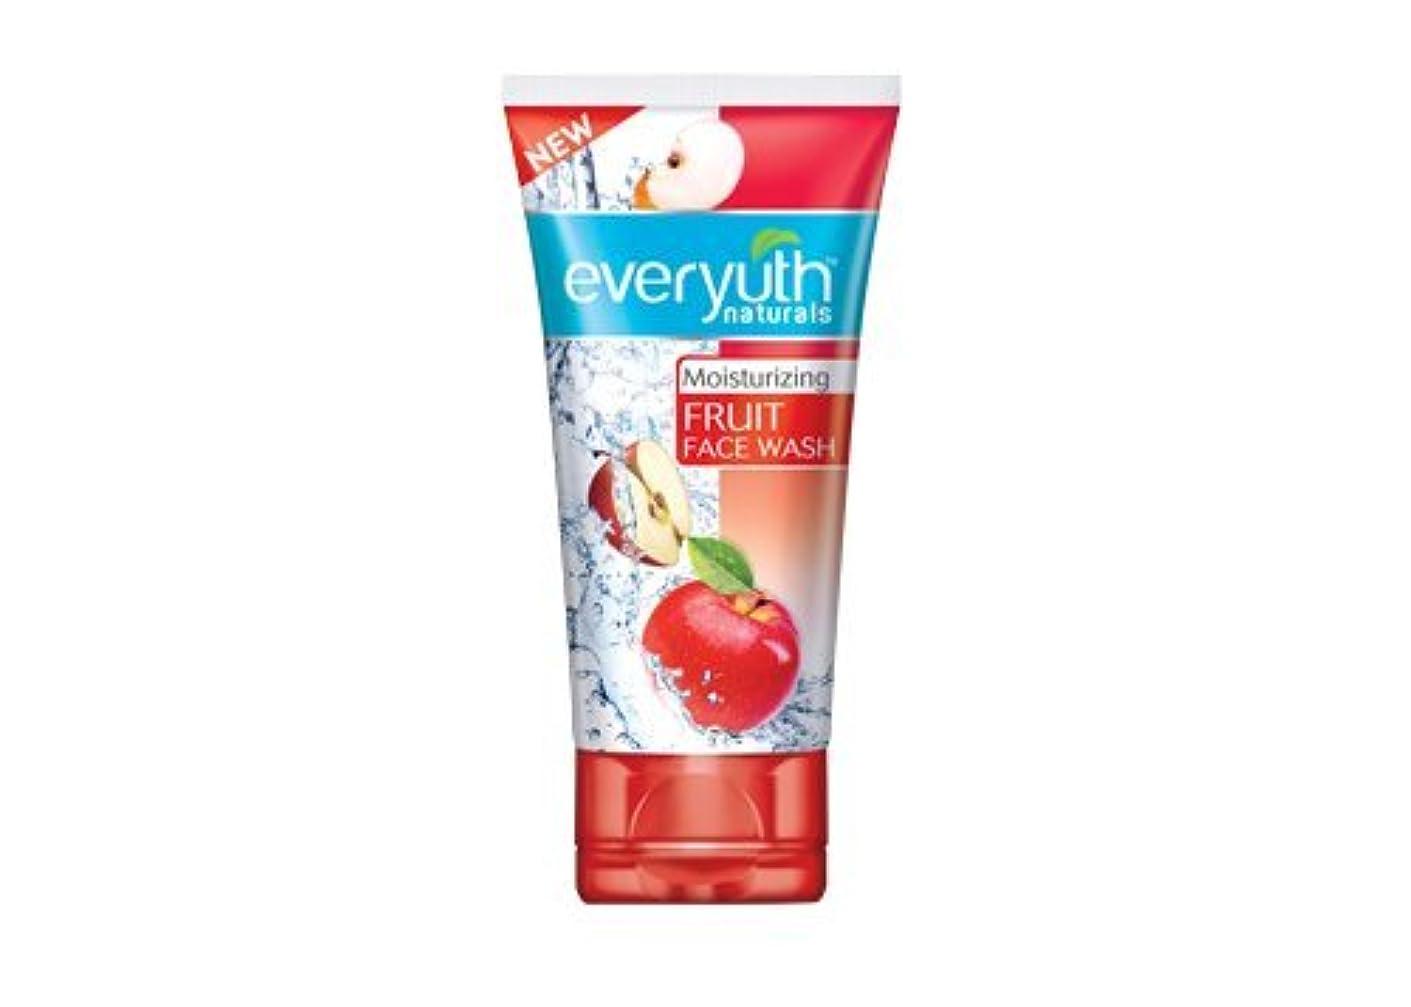 避難する勇気のある問い合わせEveryuth Naturals Moisturizing Fruit Face Wash (50 g)